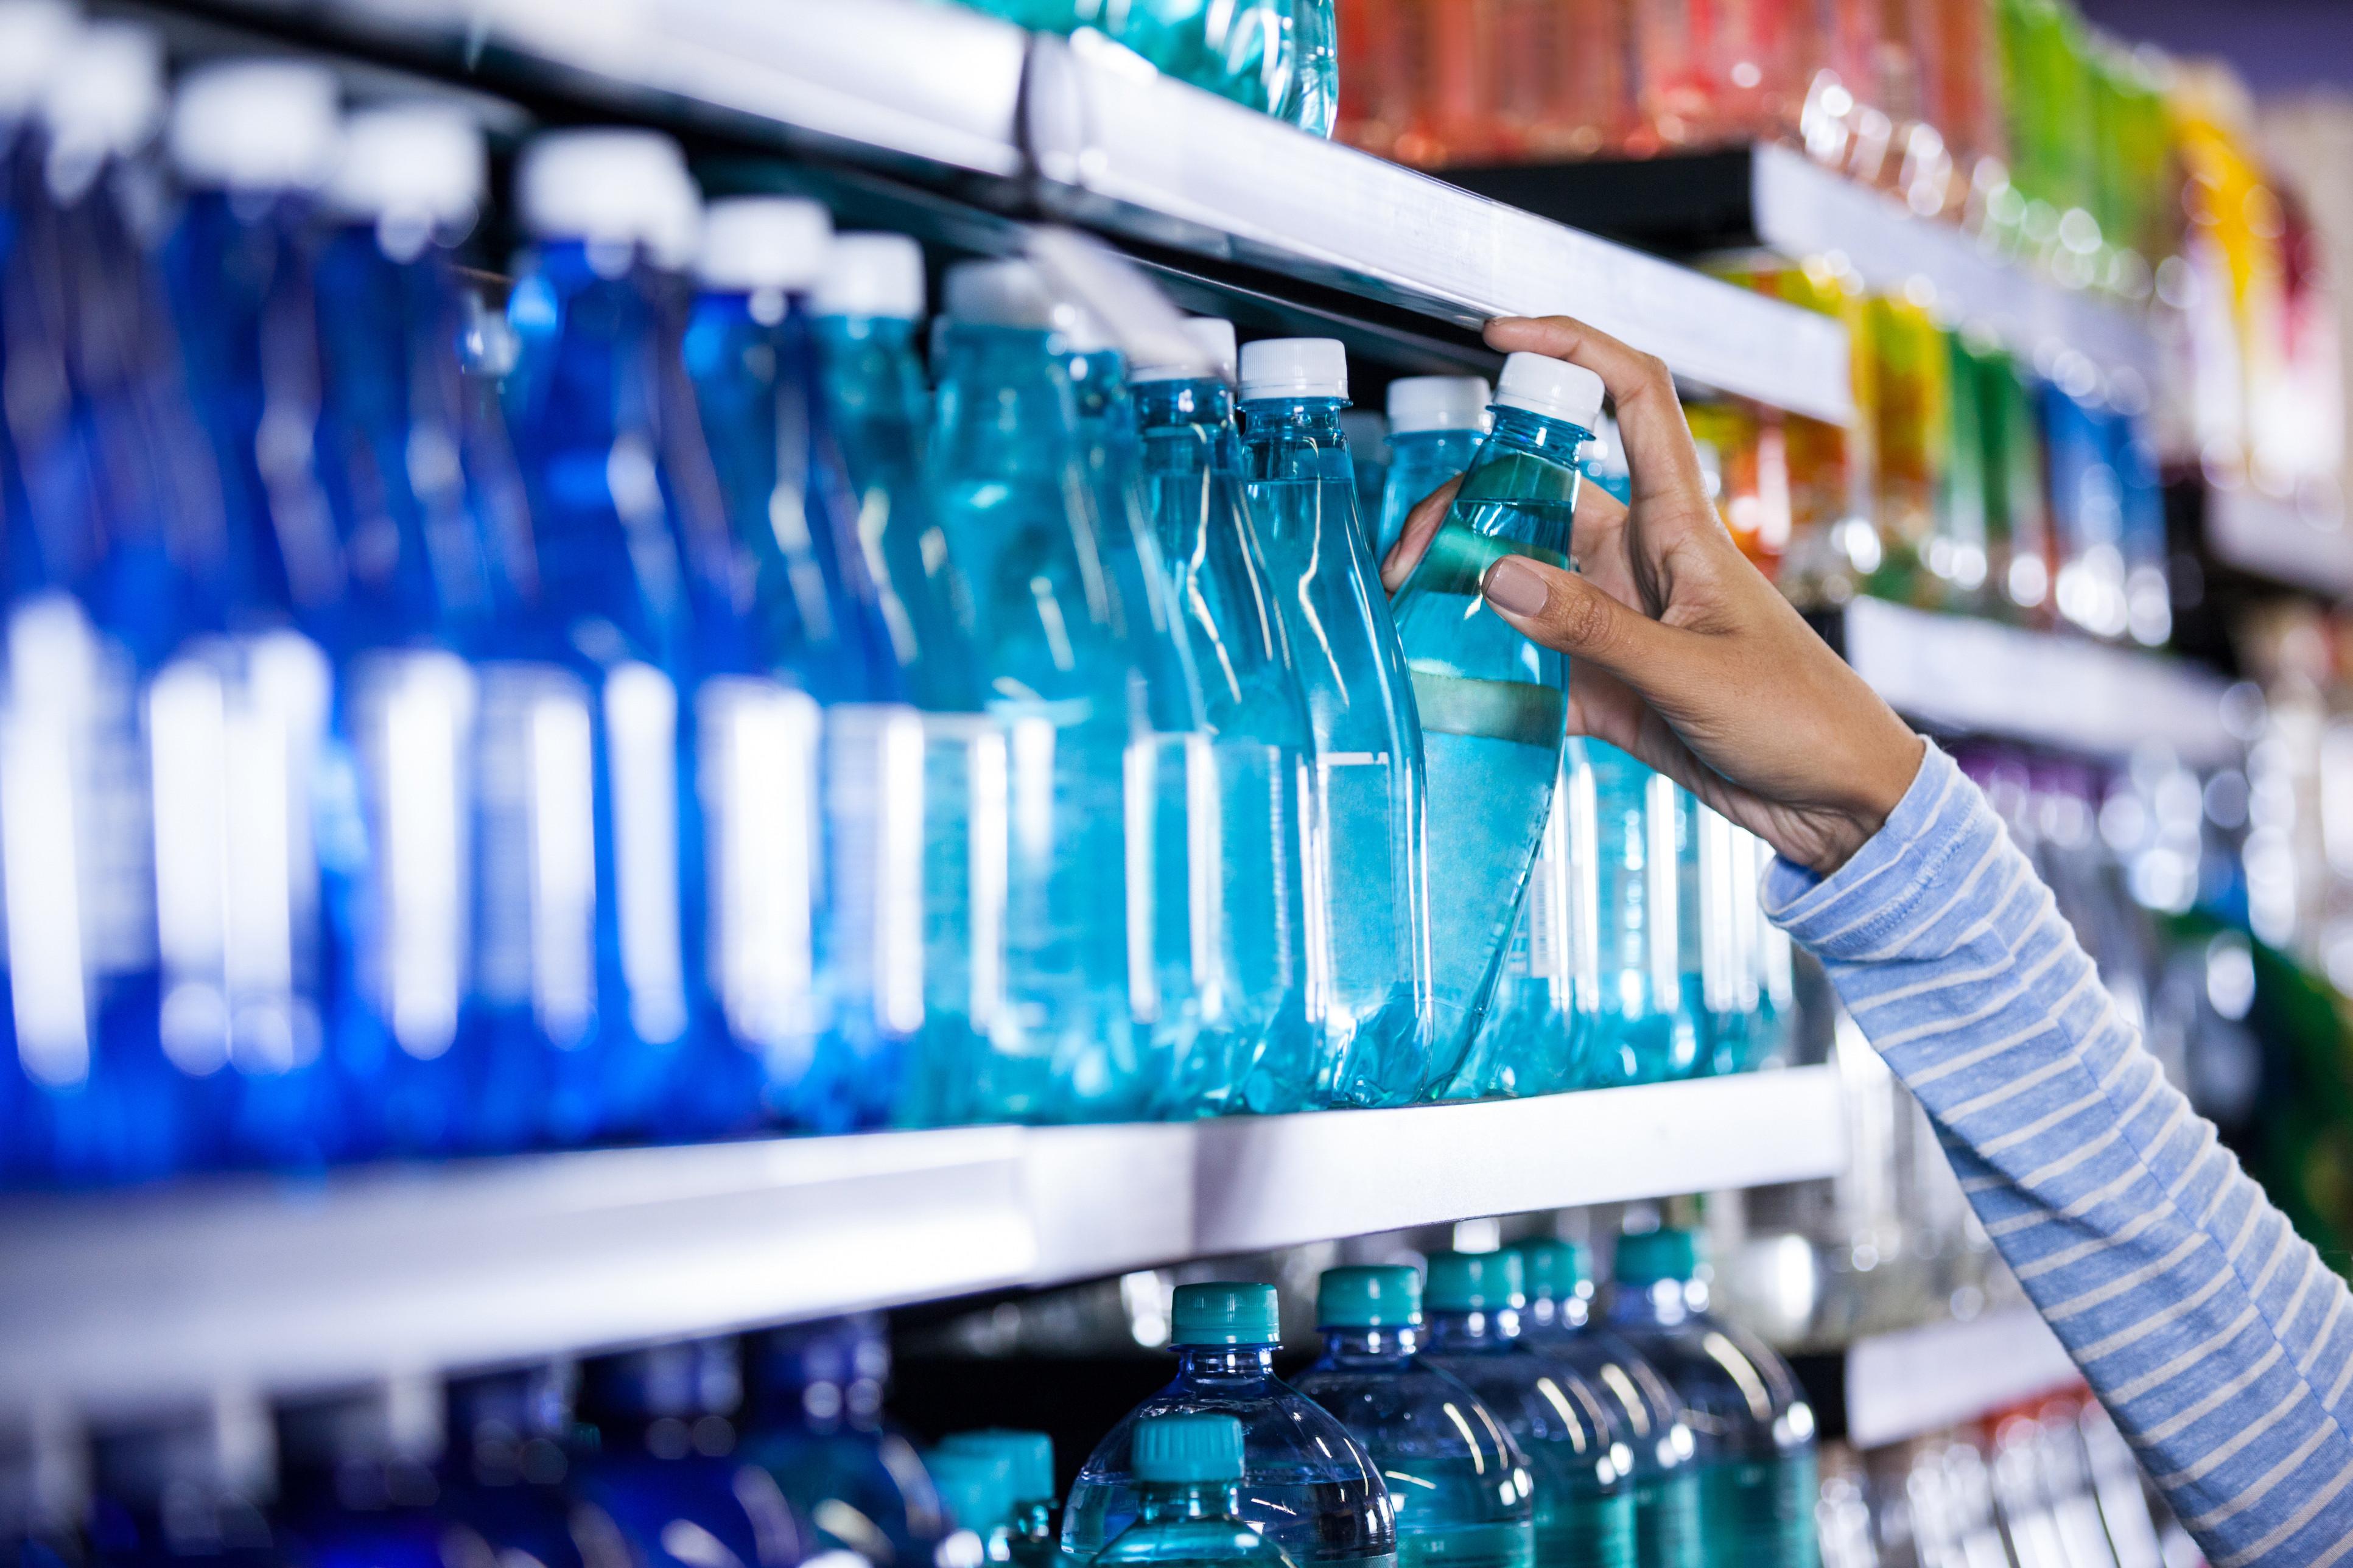 Consumidores que devolverem garrafas de plástico vão receber prémio